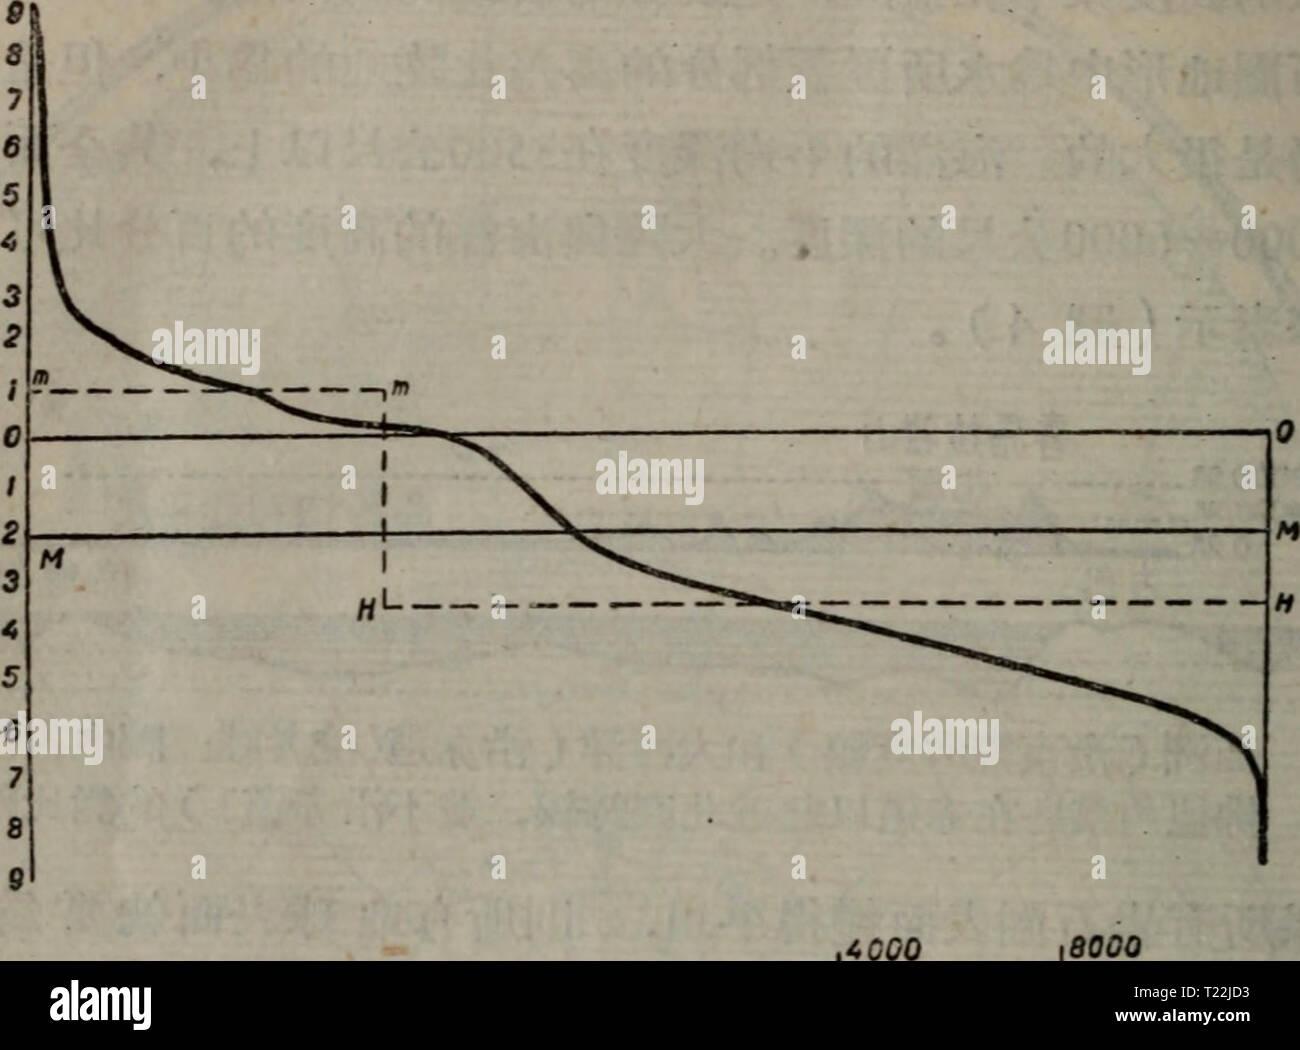 Archiv Bild von Seite 21 der Oeuvres complètes (1991